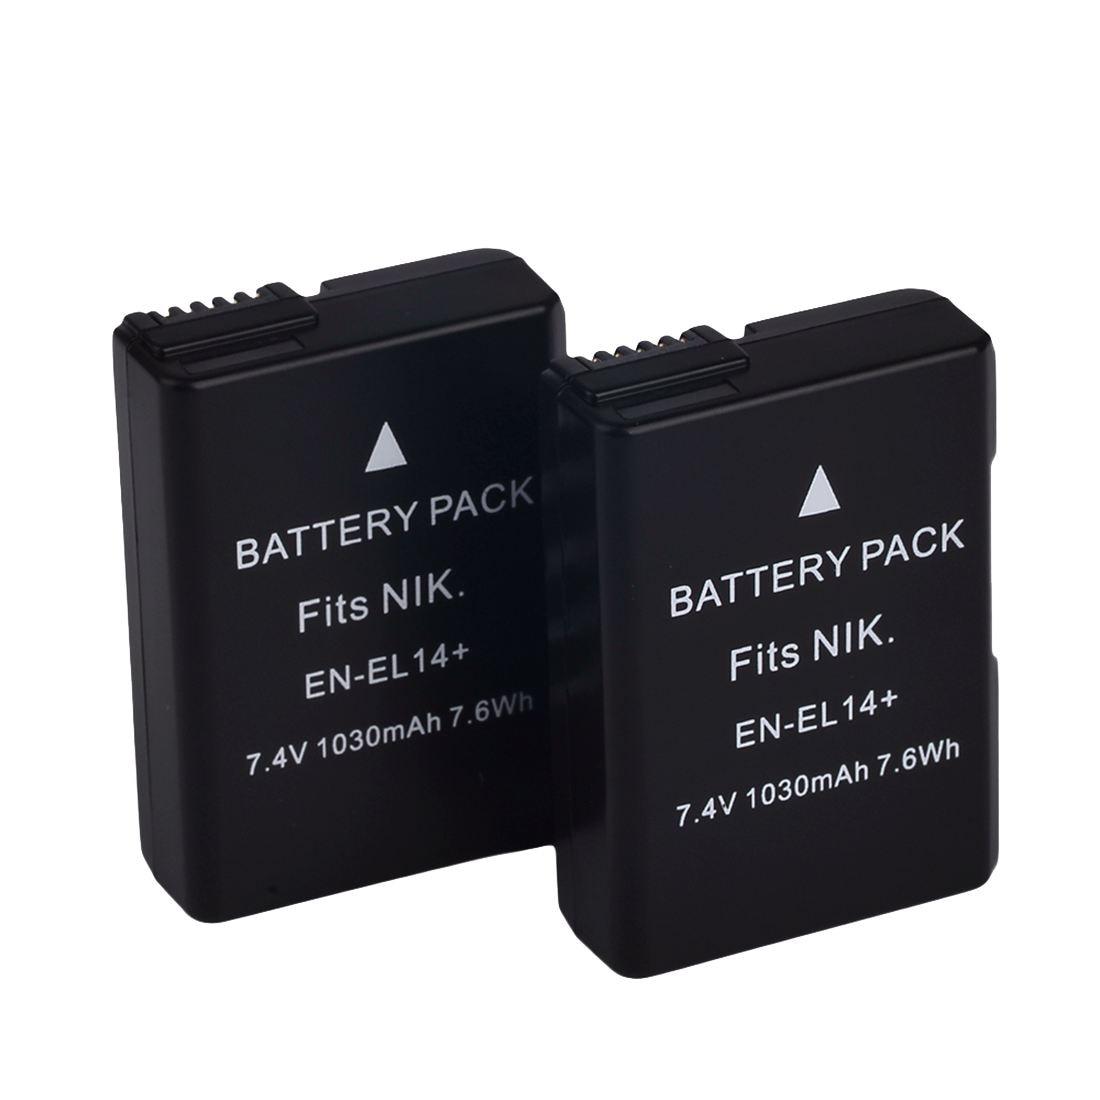 Batterie pour Nikon EN-EL14 EN EL14 D3100 D3200 5100 5200 5300 D Coolpix P7800 ROYAUME-UNI